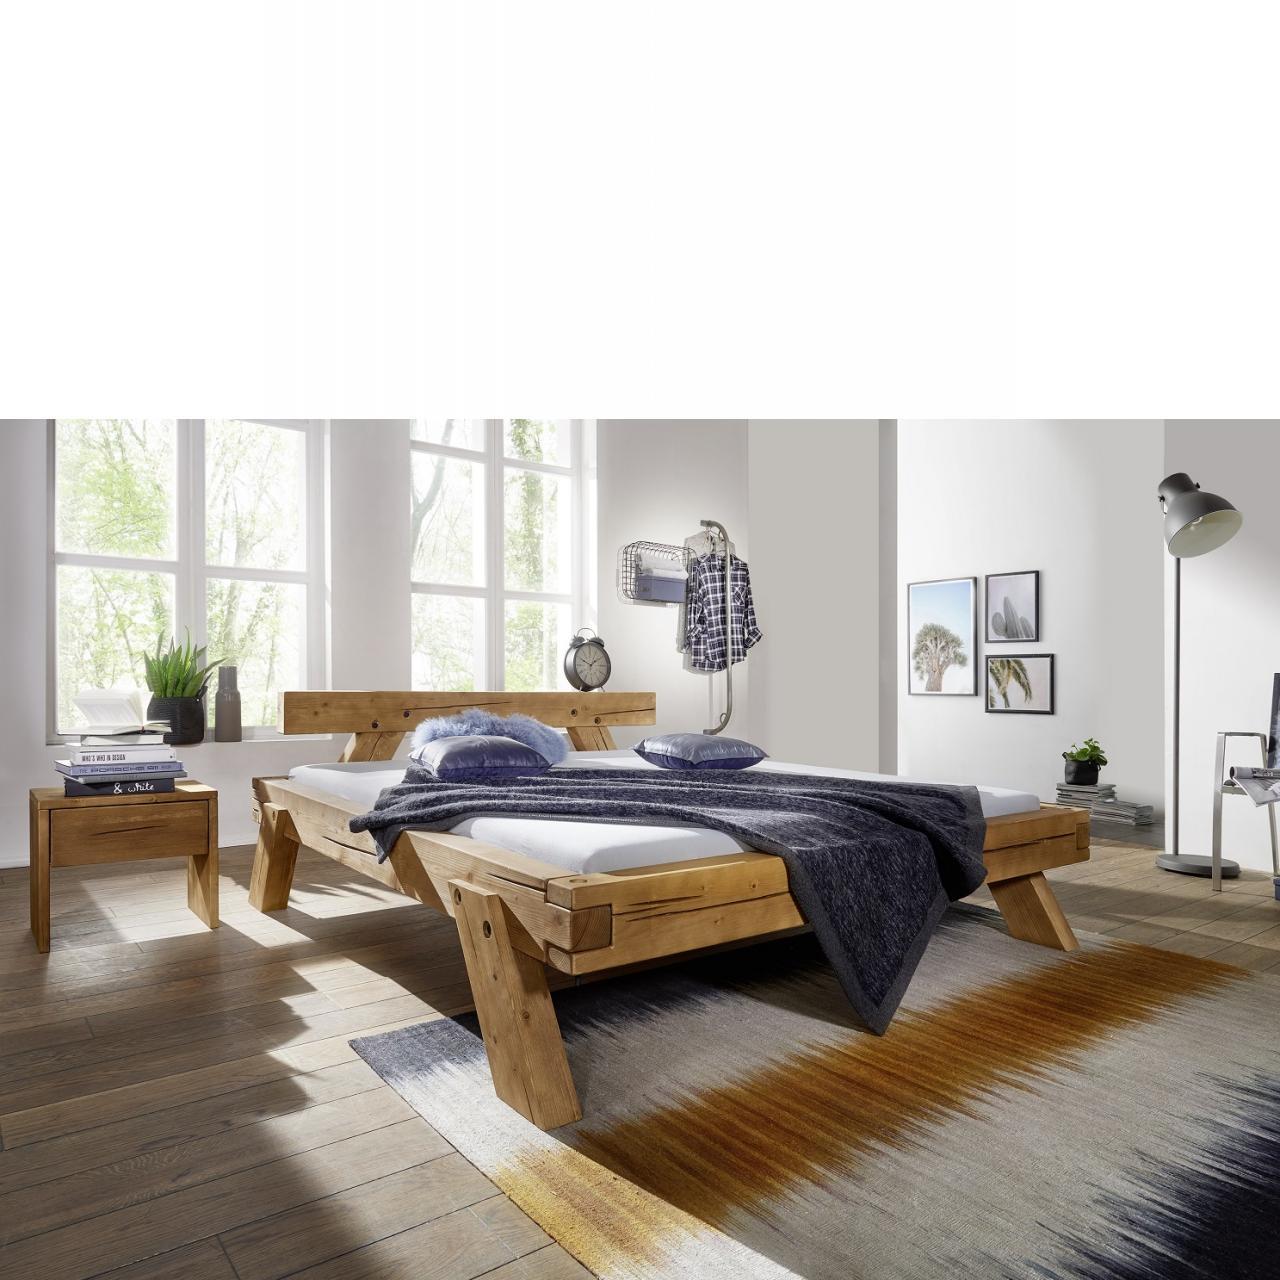 Bett BE-0281 Kiefer Massiv Honig Gebeizt Natur Schlafzimmer Gästebett